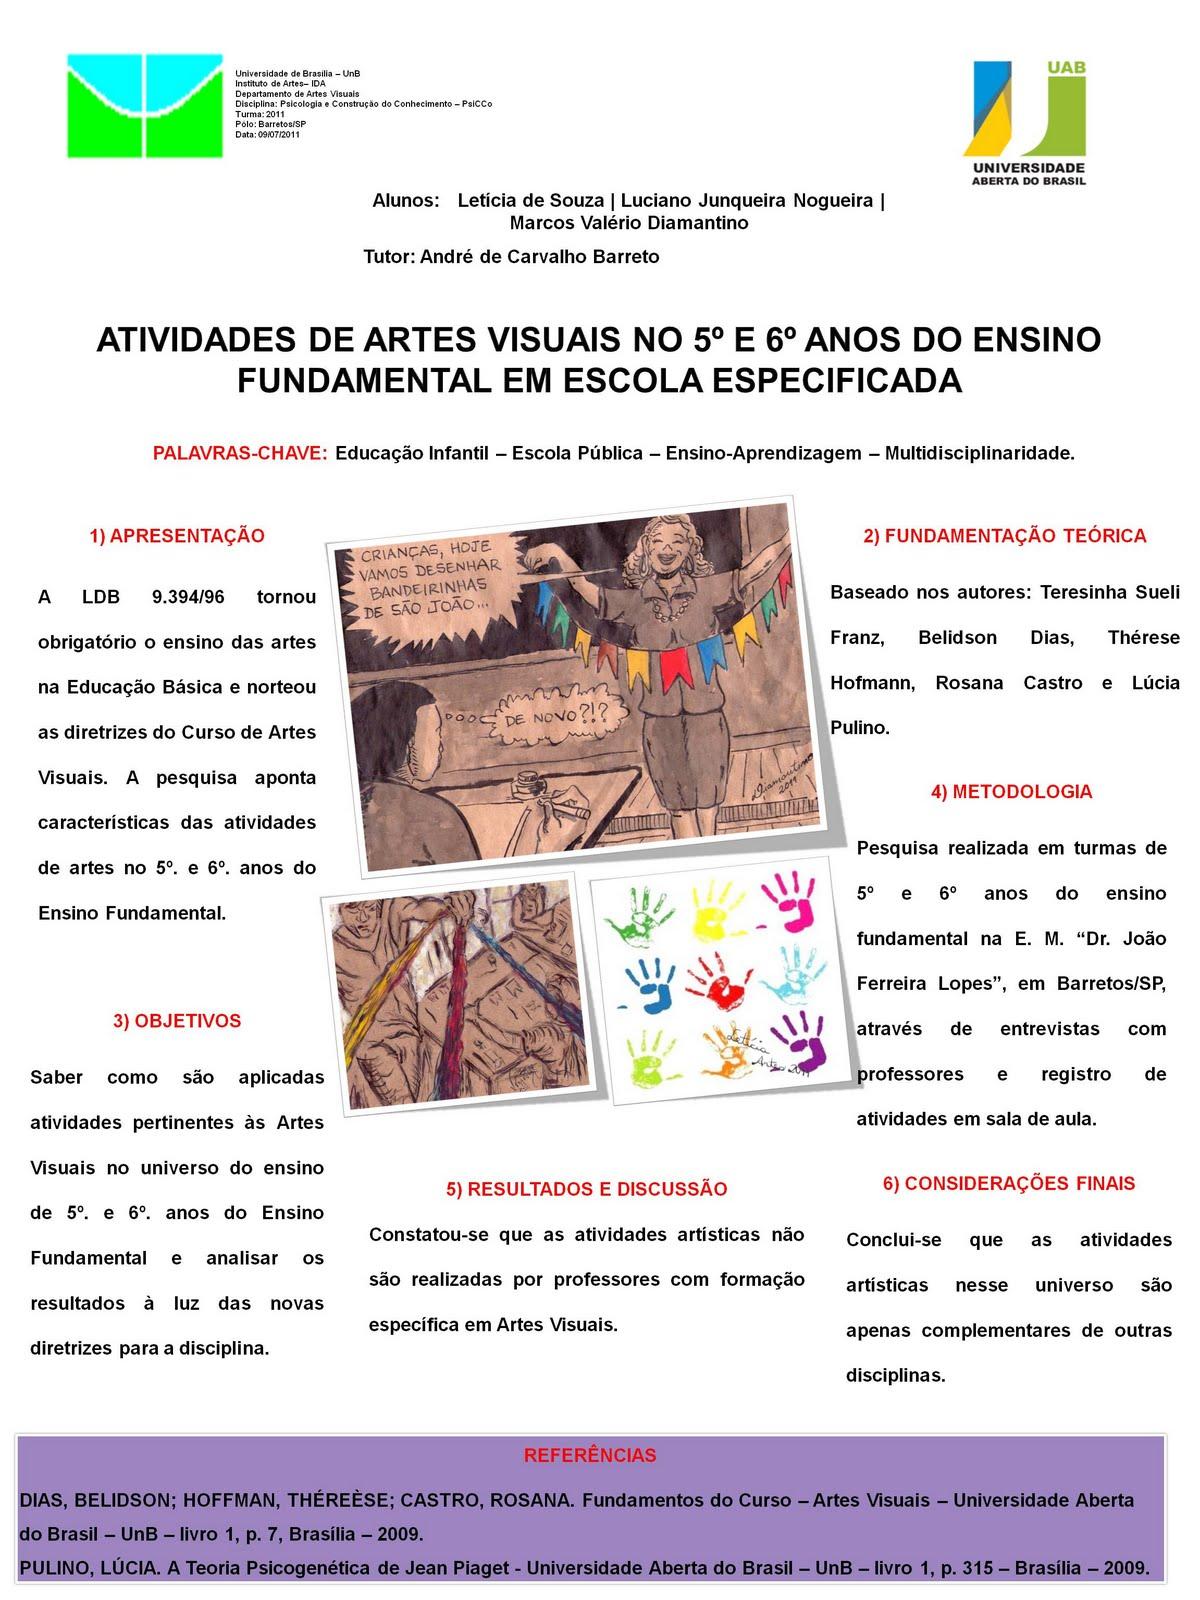 CLIPE DOS ALUNOS TRABALHANDO EM SALA DE AULA